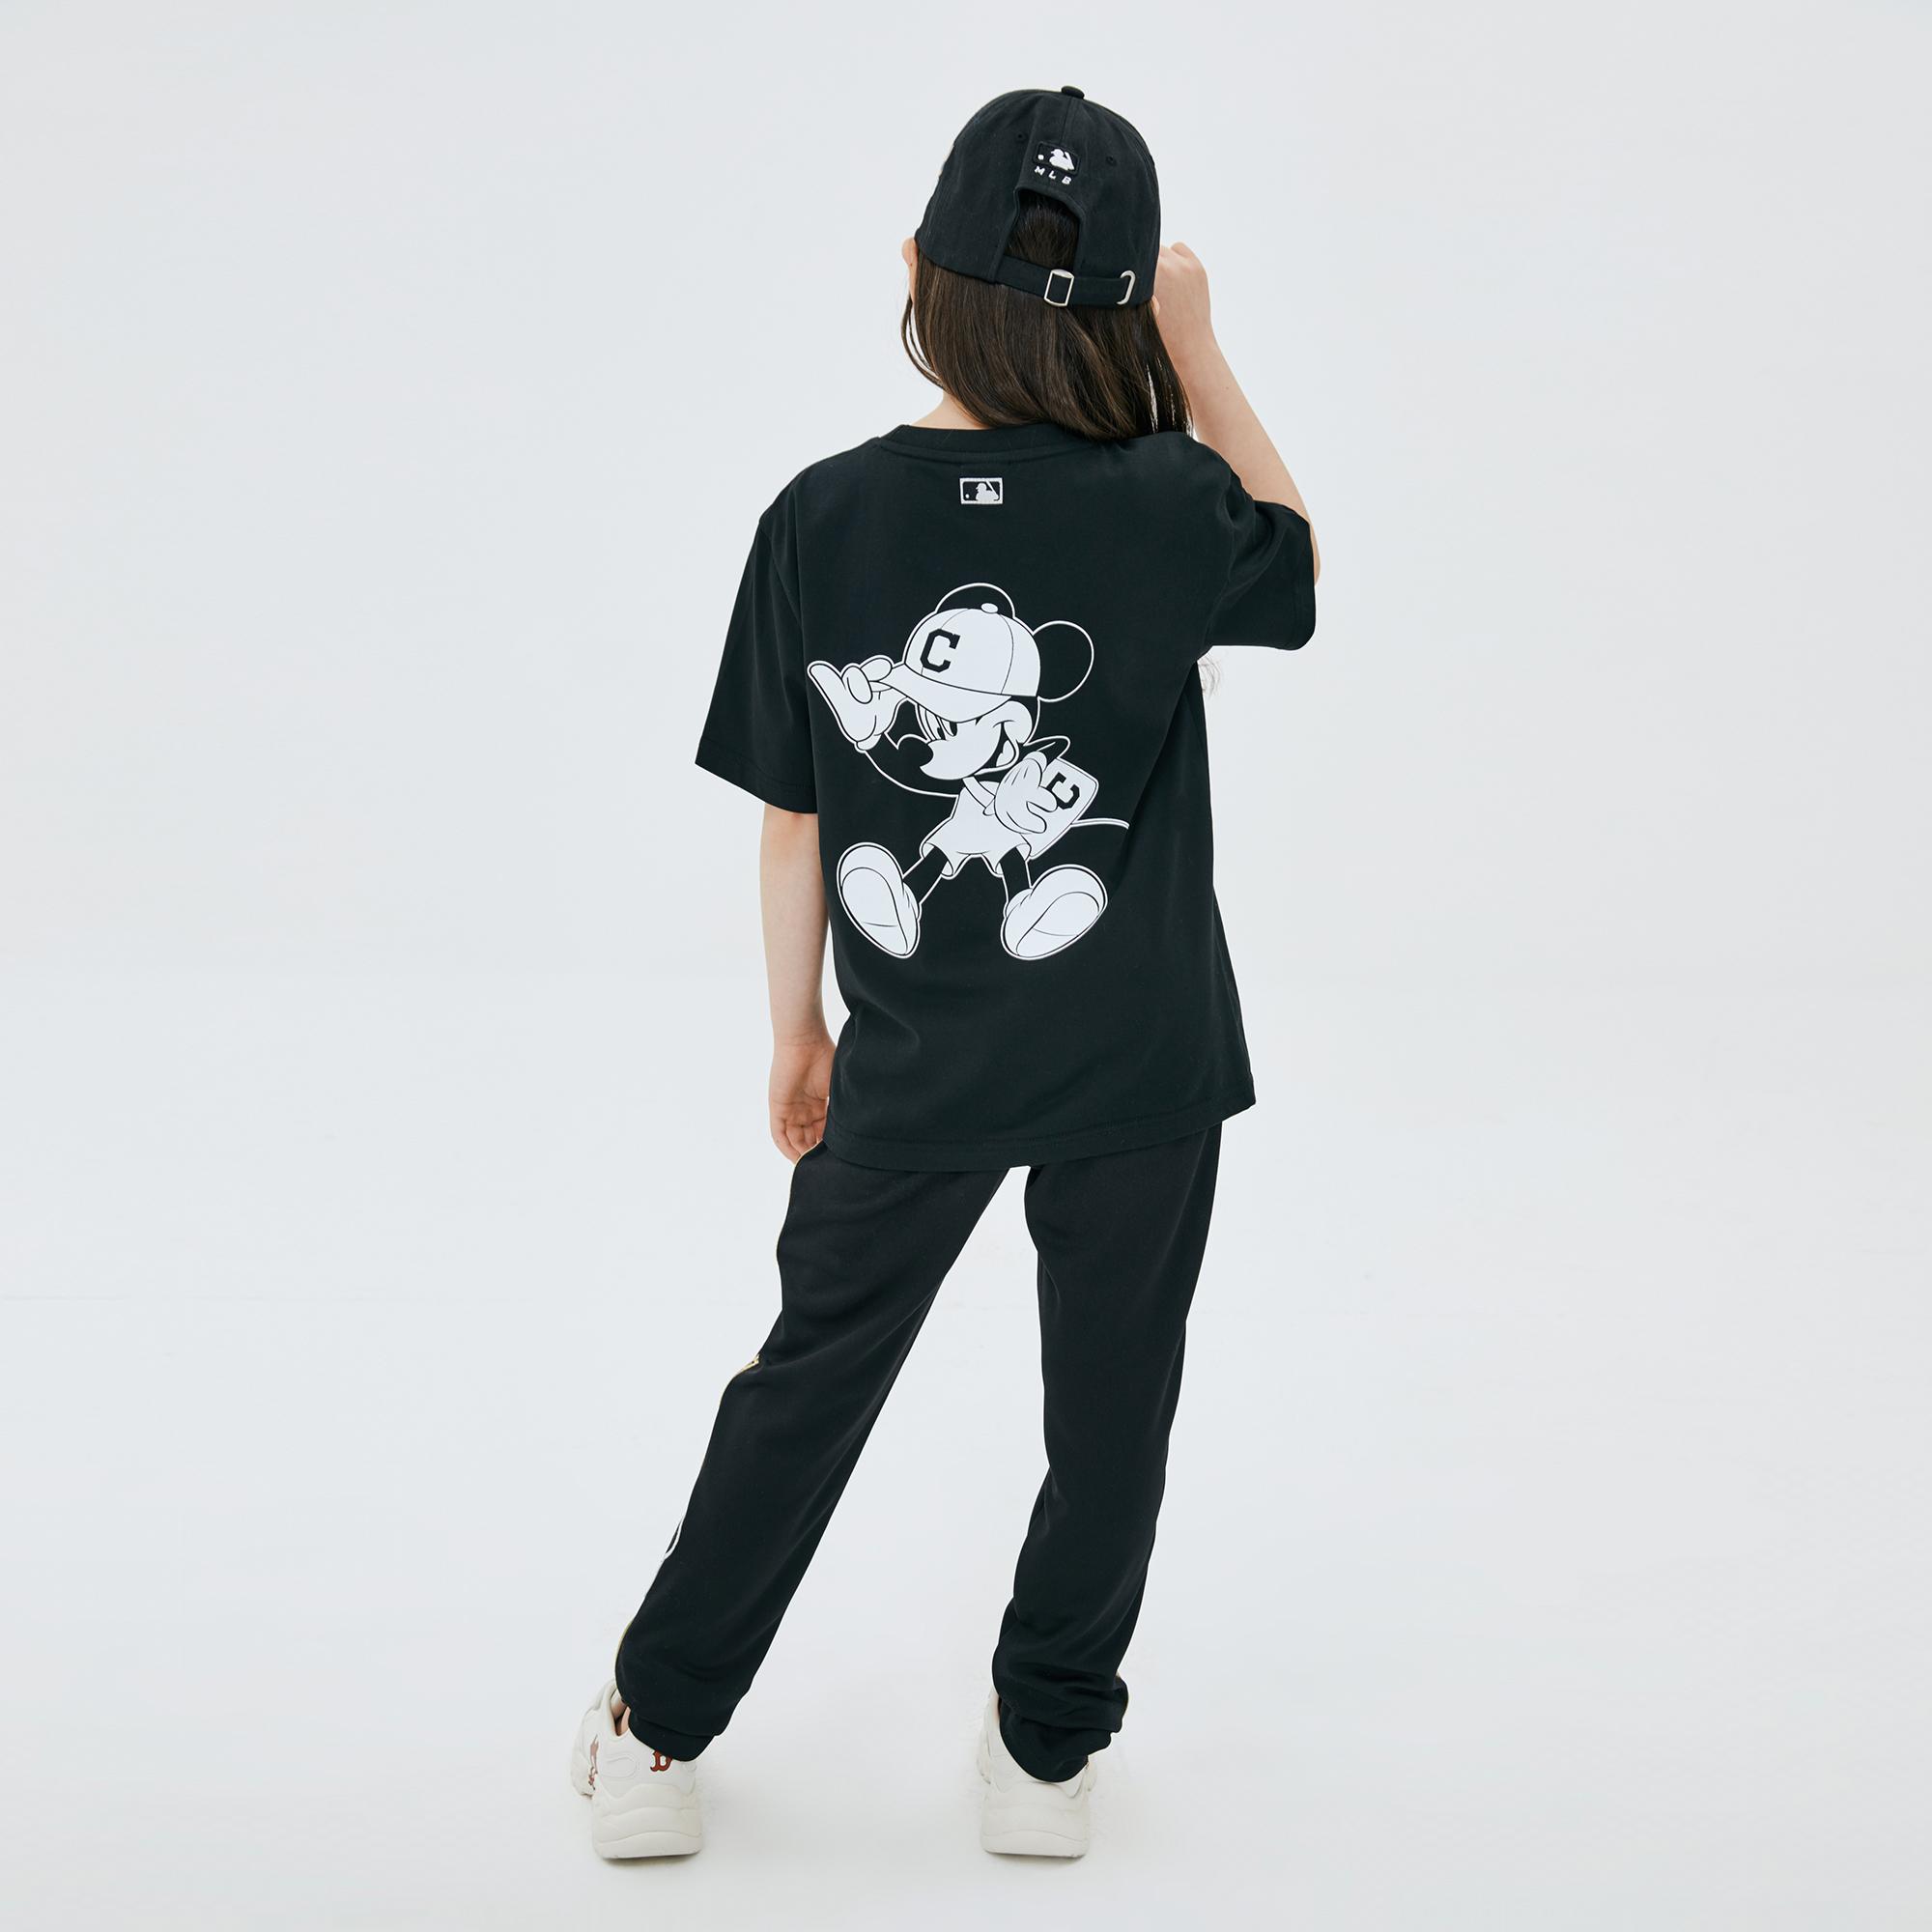 MLB x DISNEY 미키마우스 등판 그래픽 티셔츠 클리블랜드인디언스